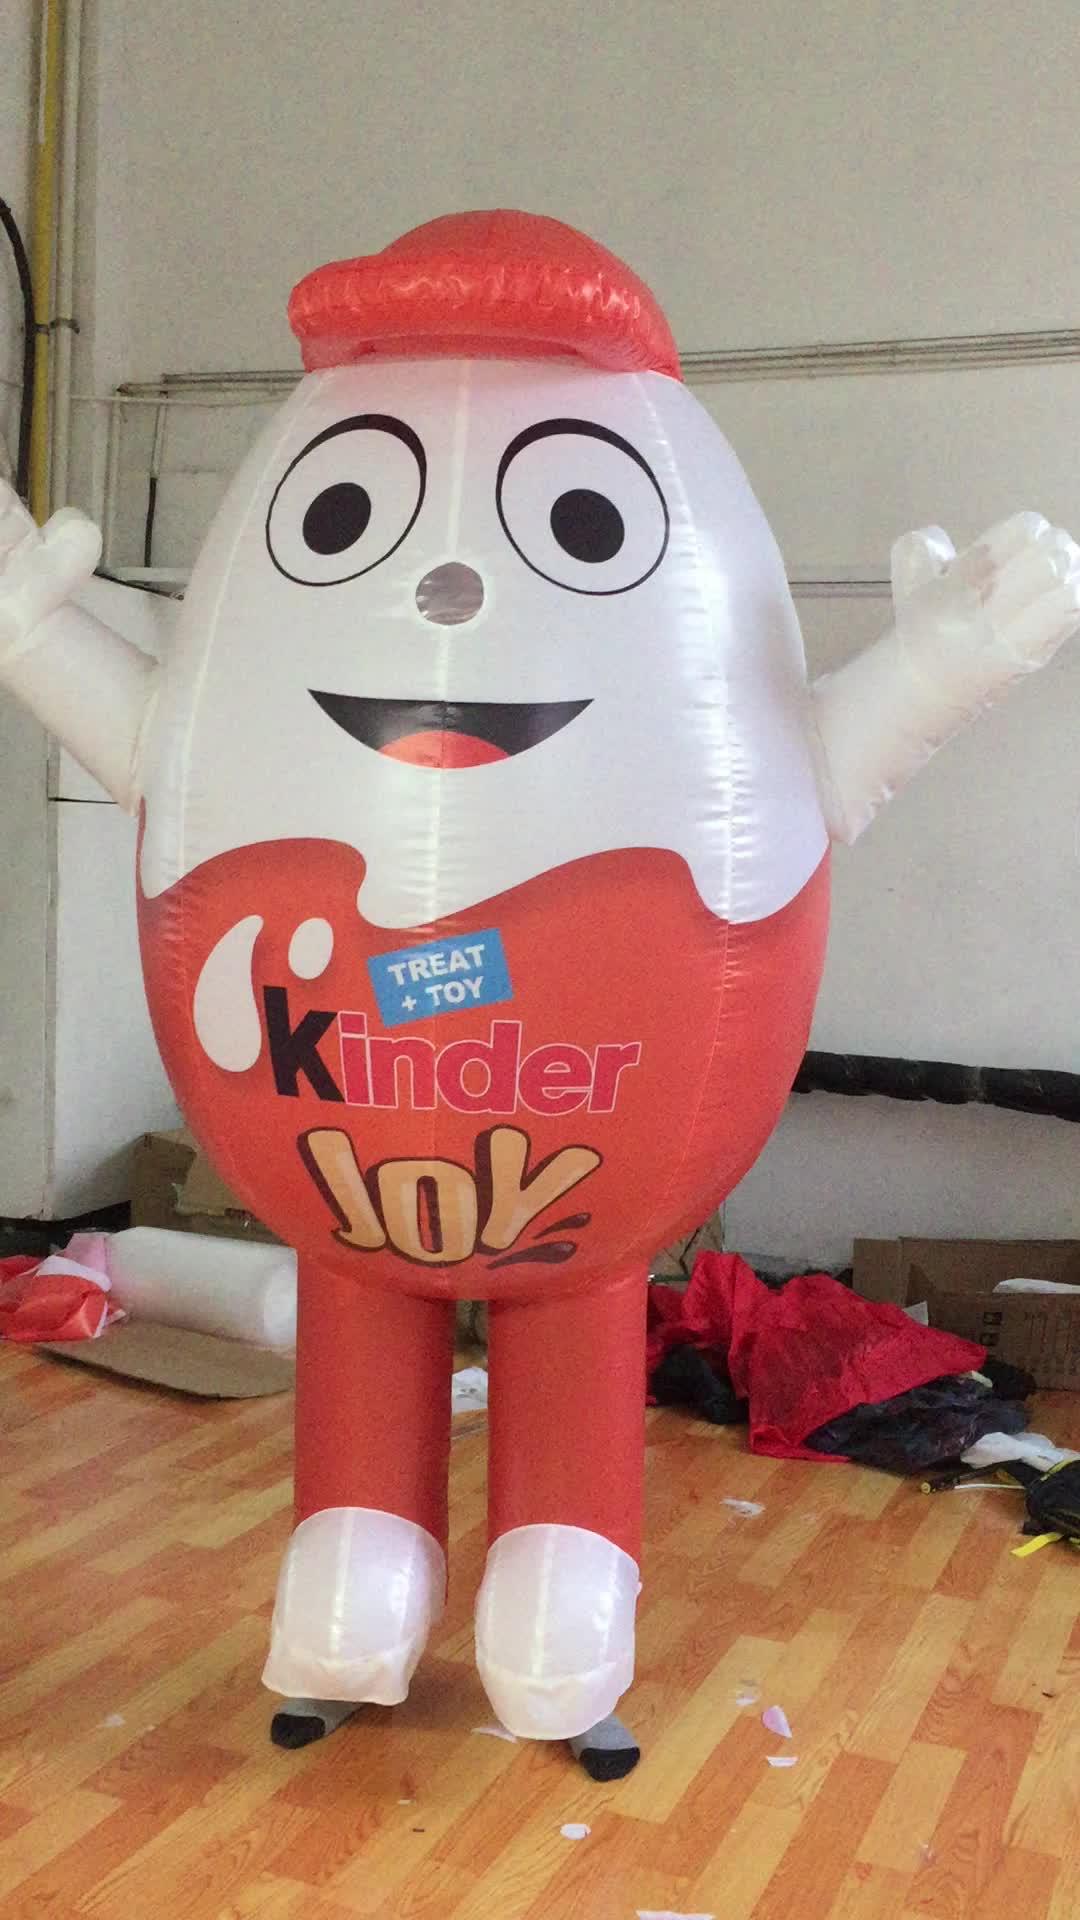 2m Inflatable เครื่องแต่งกายสัตว์ที่กำหนดเองเดินเครื่องแต่งกายไข่รุ่น